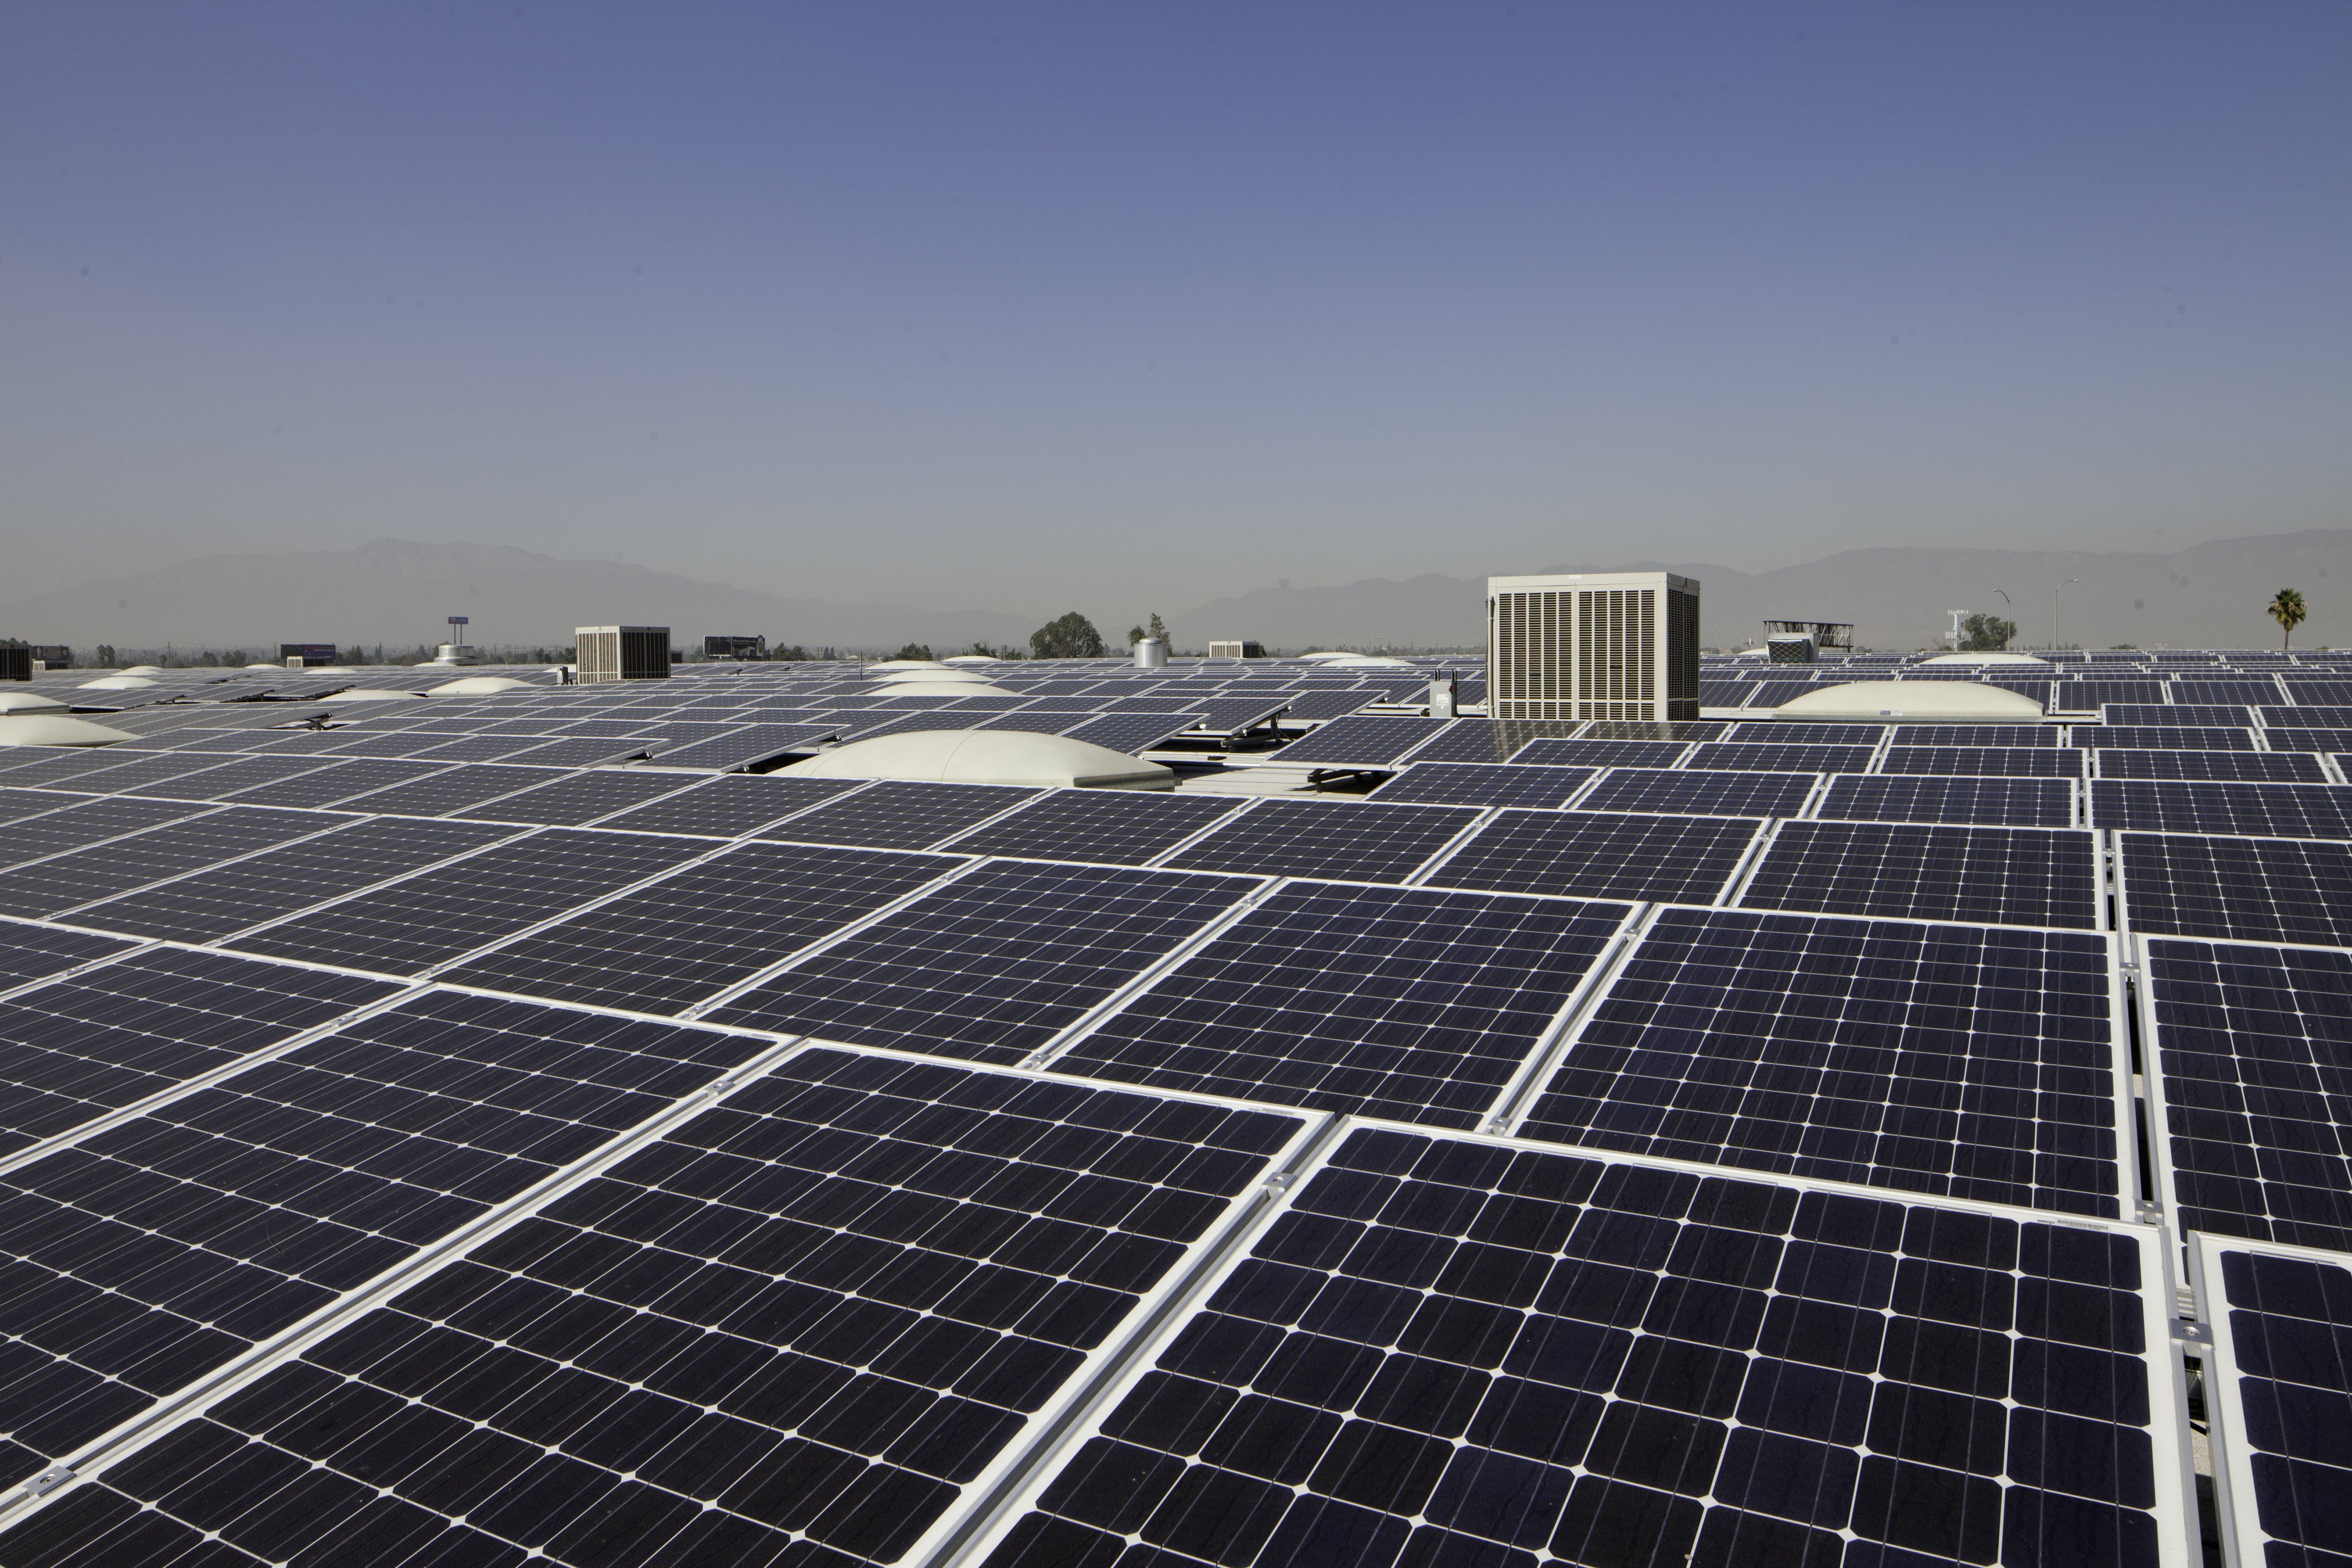 חשמל סולארי ביתי – מה המגבלות שלו